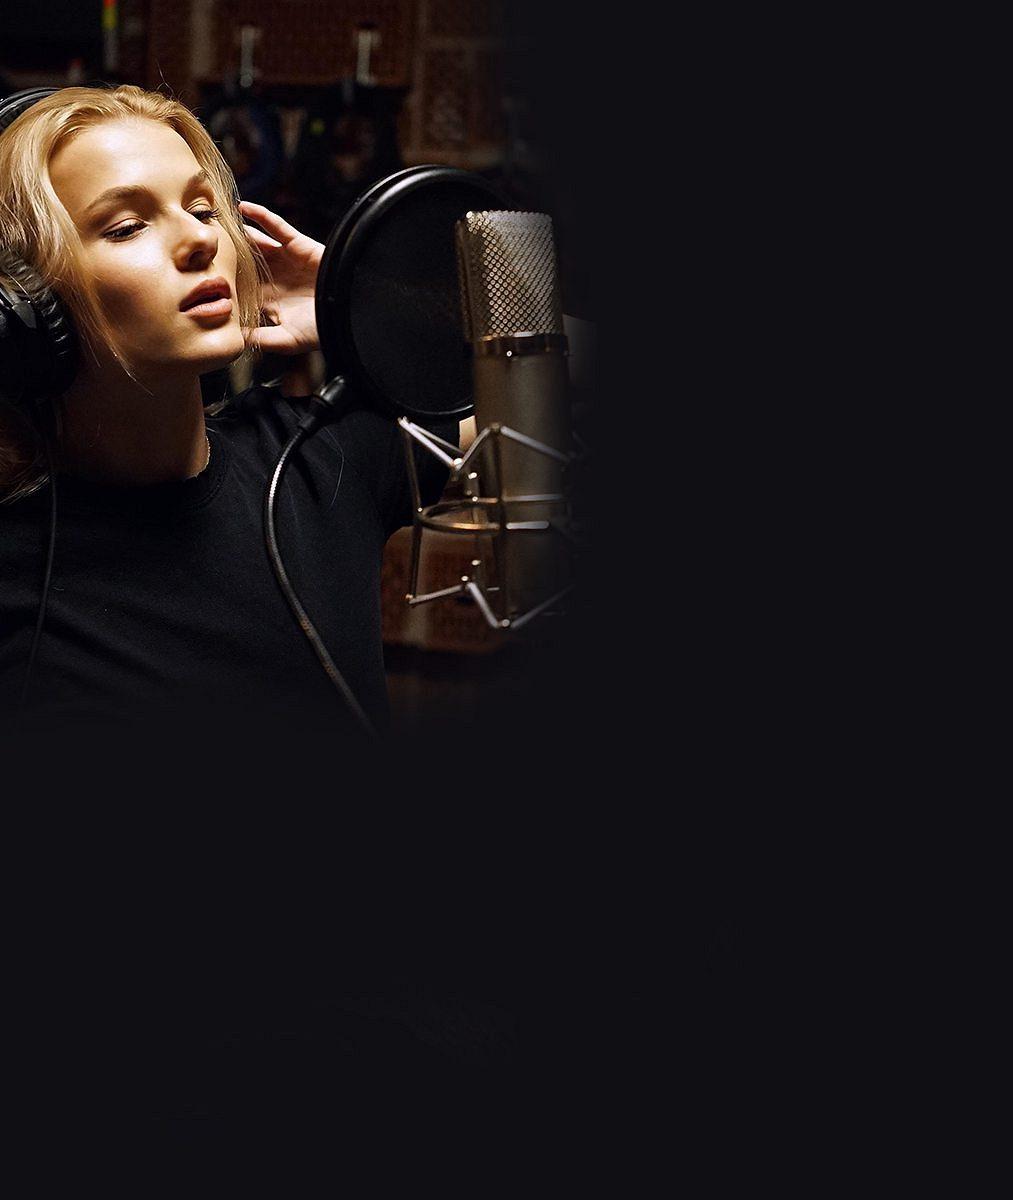 Česká zpěvačka, která zní konečně světově. Tuhle popovou princeznu přirovnávají kTaylor Swift aKaty Perry